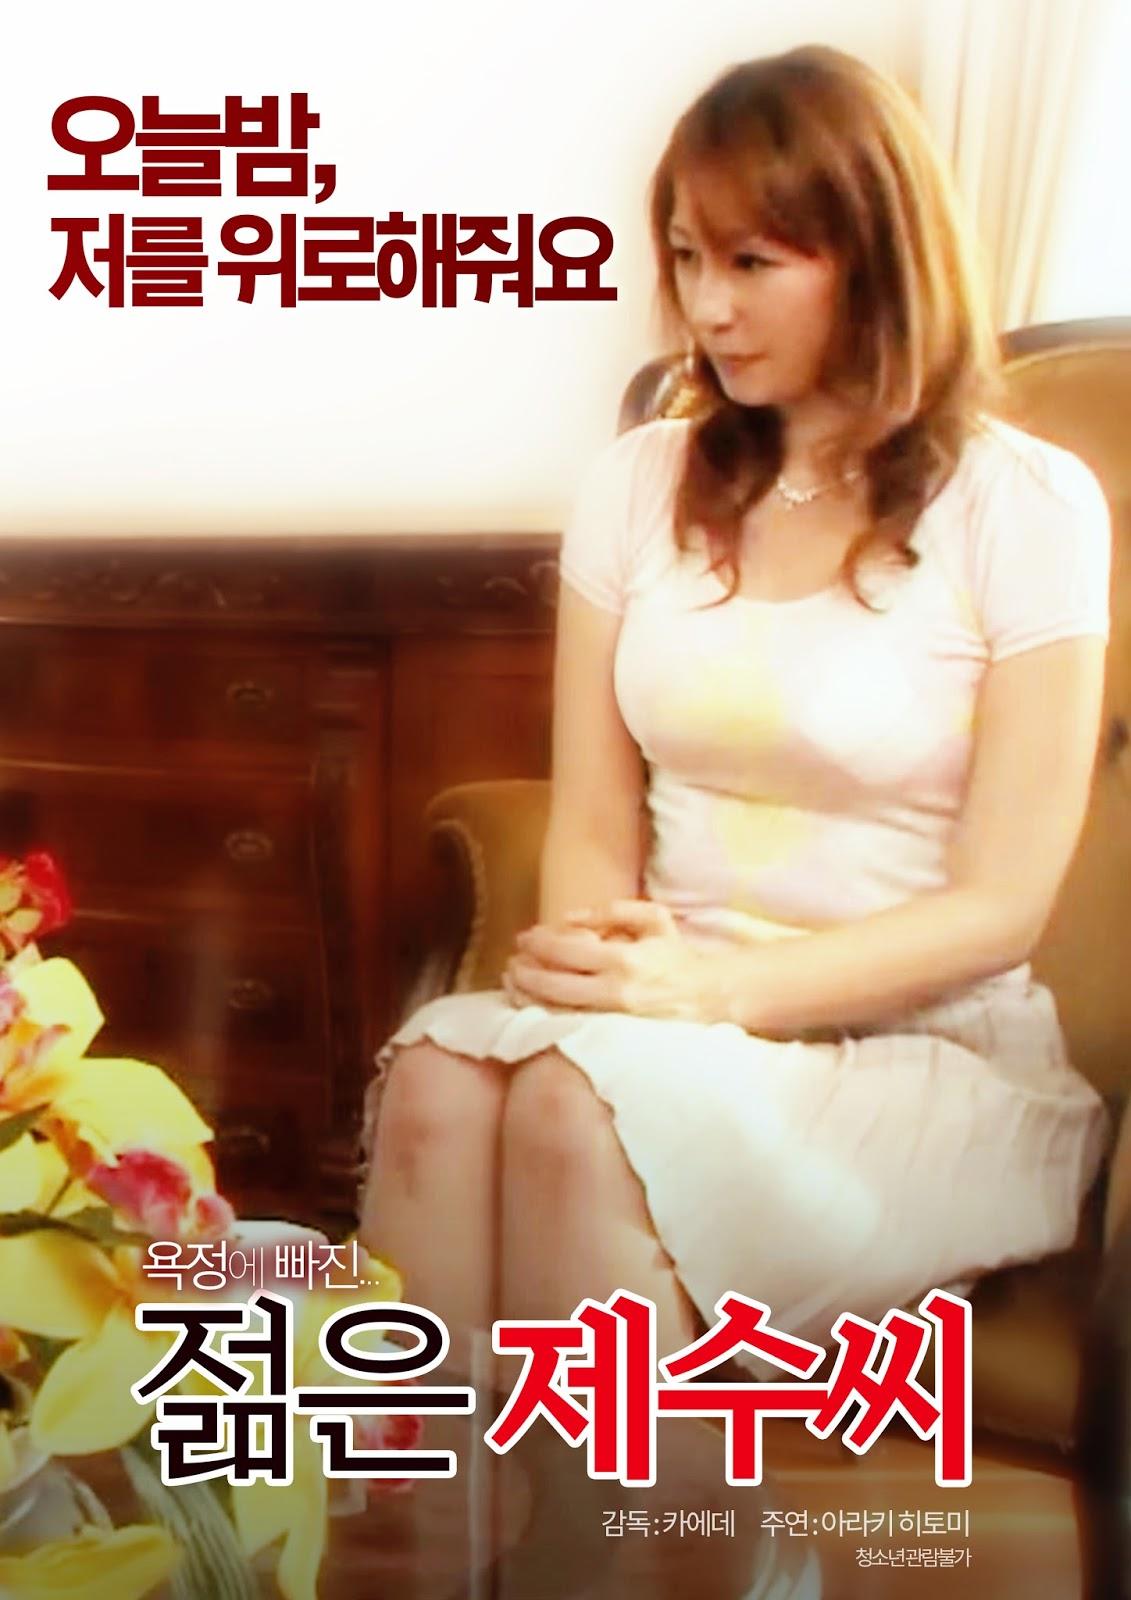 [ญี่ปุ่น 18+] Miboujin Geshuku Araki Hitomi (2011) [Soundtrack ไม่มีบรรยายไทย]